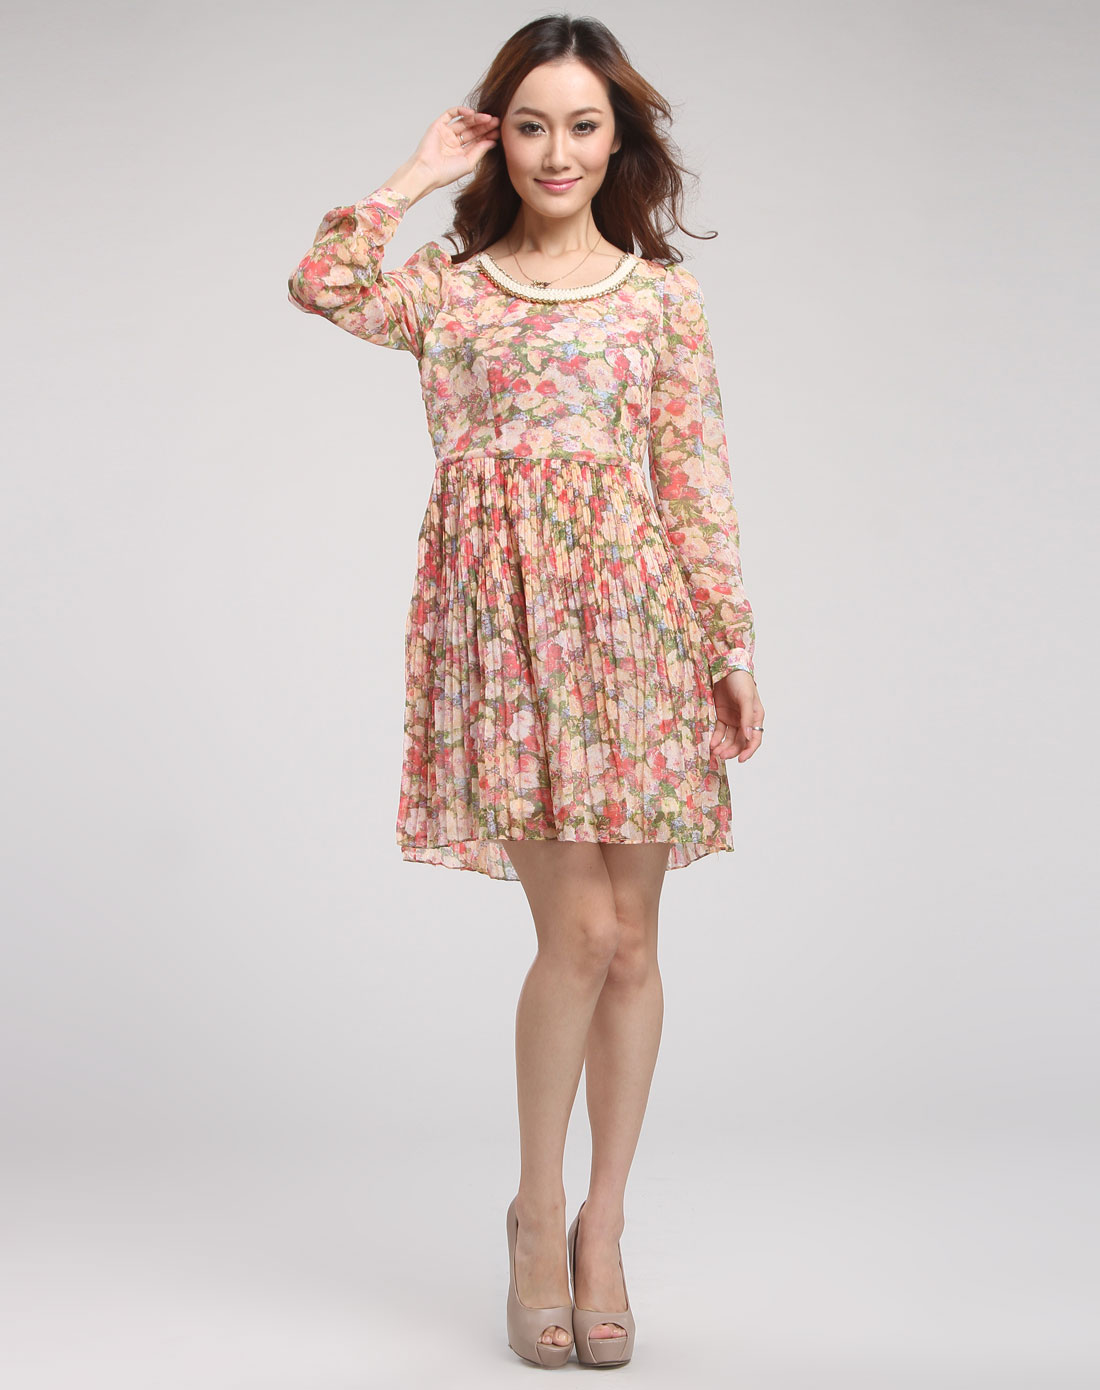 蔷薇红色时尚花纹长袖连衣裙